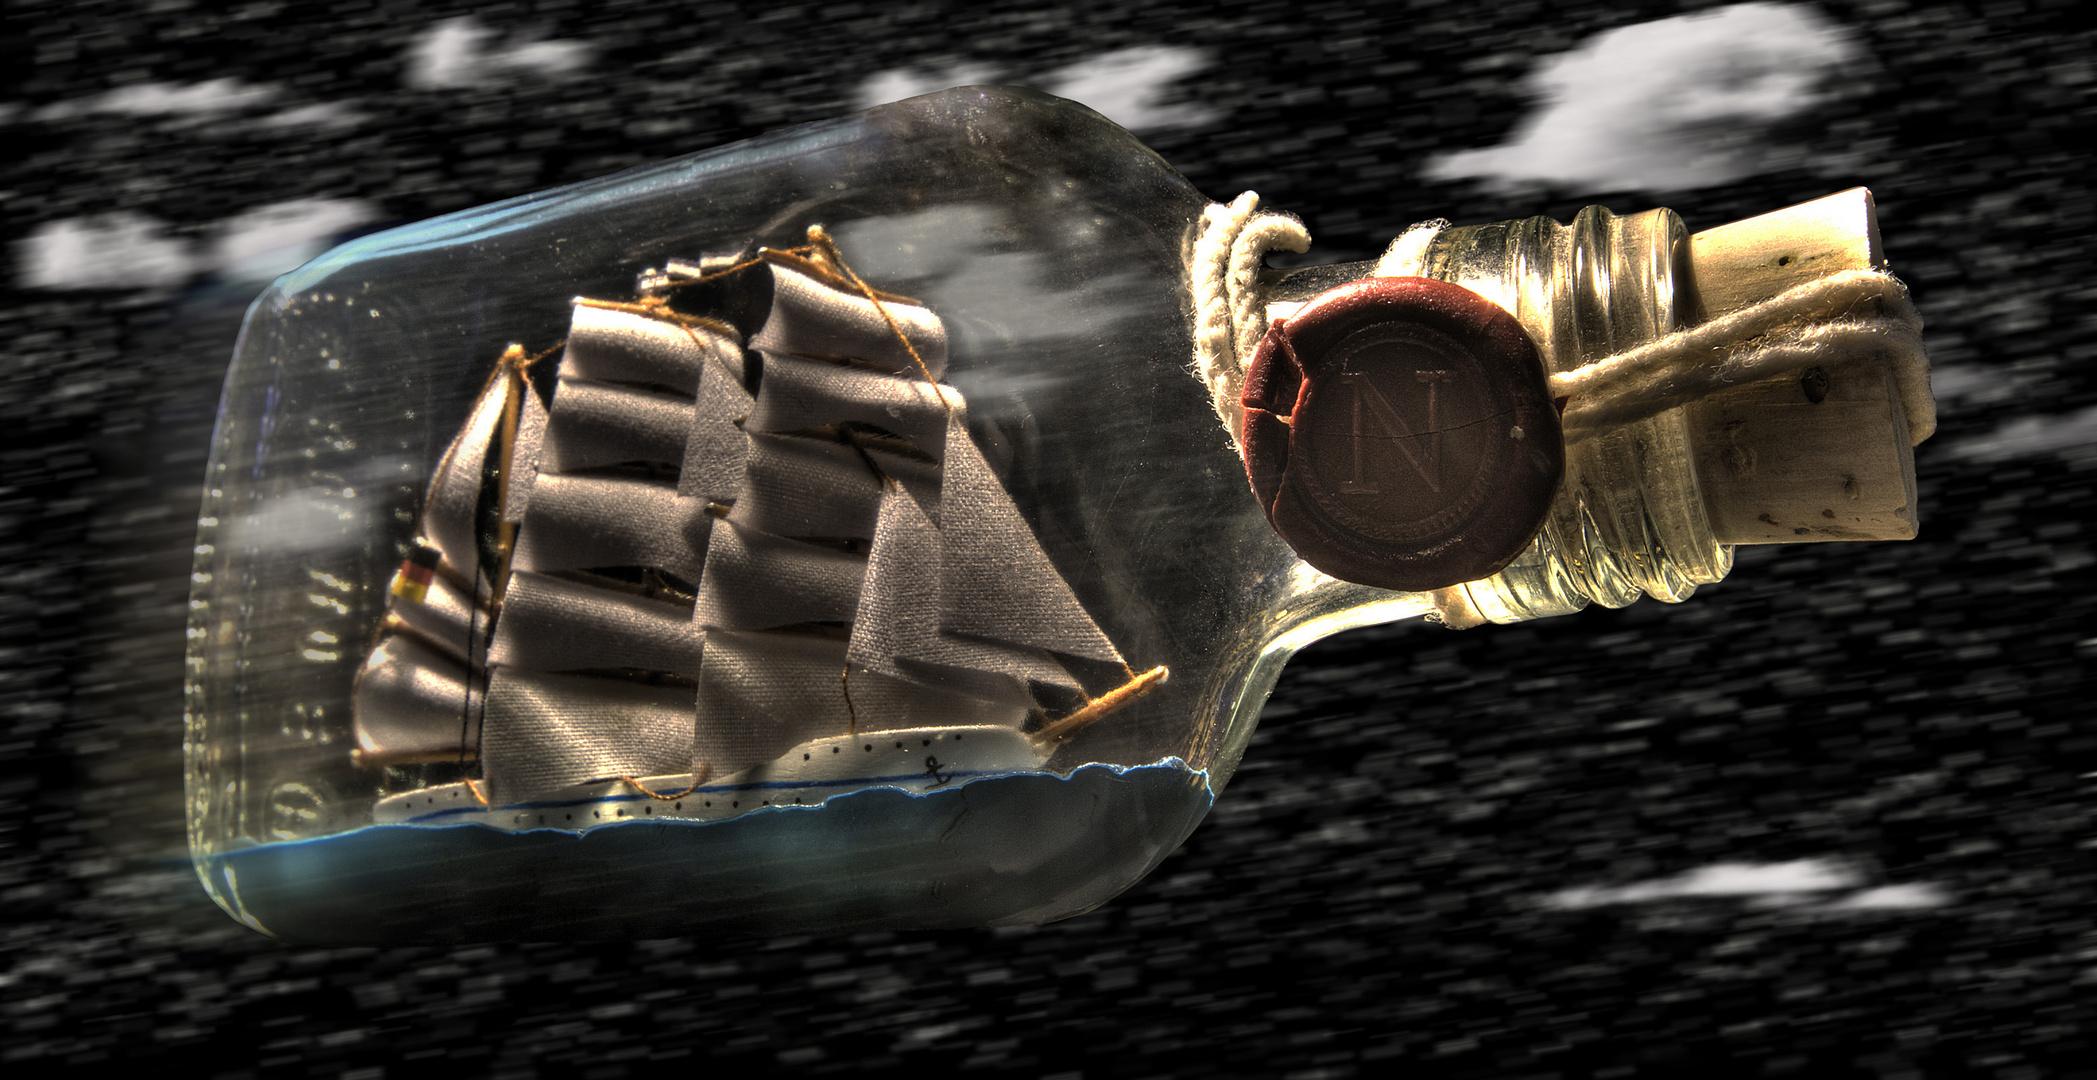 Das fliegende Schiff